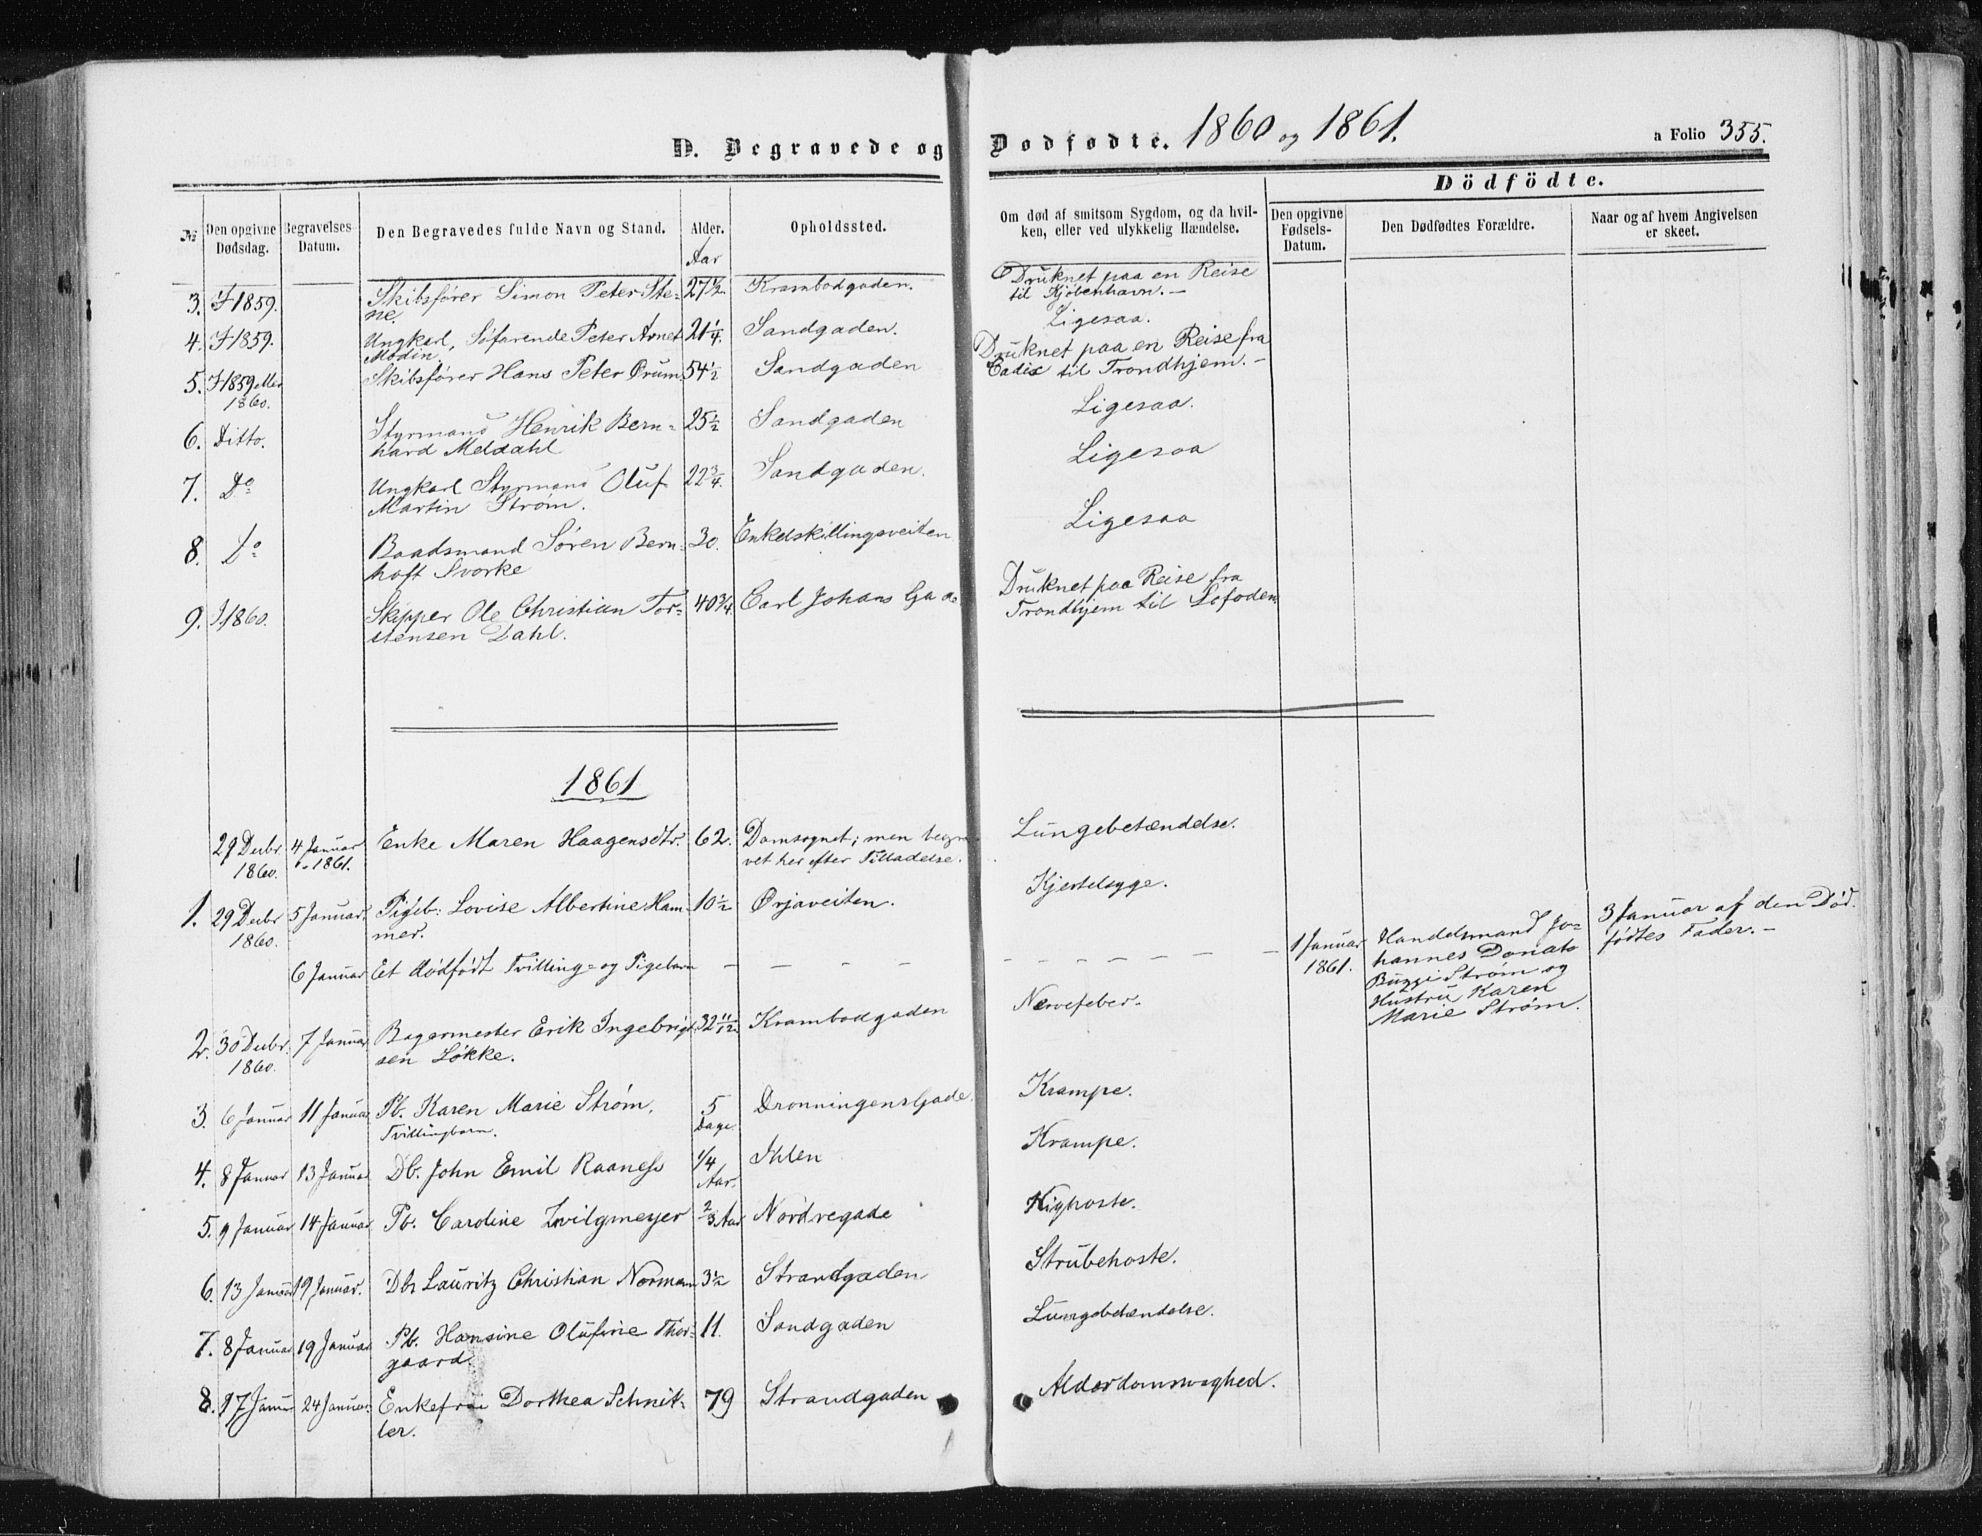 SAT, Ministerialprotokoller, klokkerbøker og fødselsregistre - Sør-Trøndelag, 602/L0115: Ministerialbok nr. 602A13, 1860-1872, s. 355